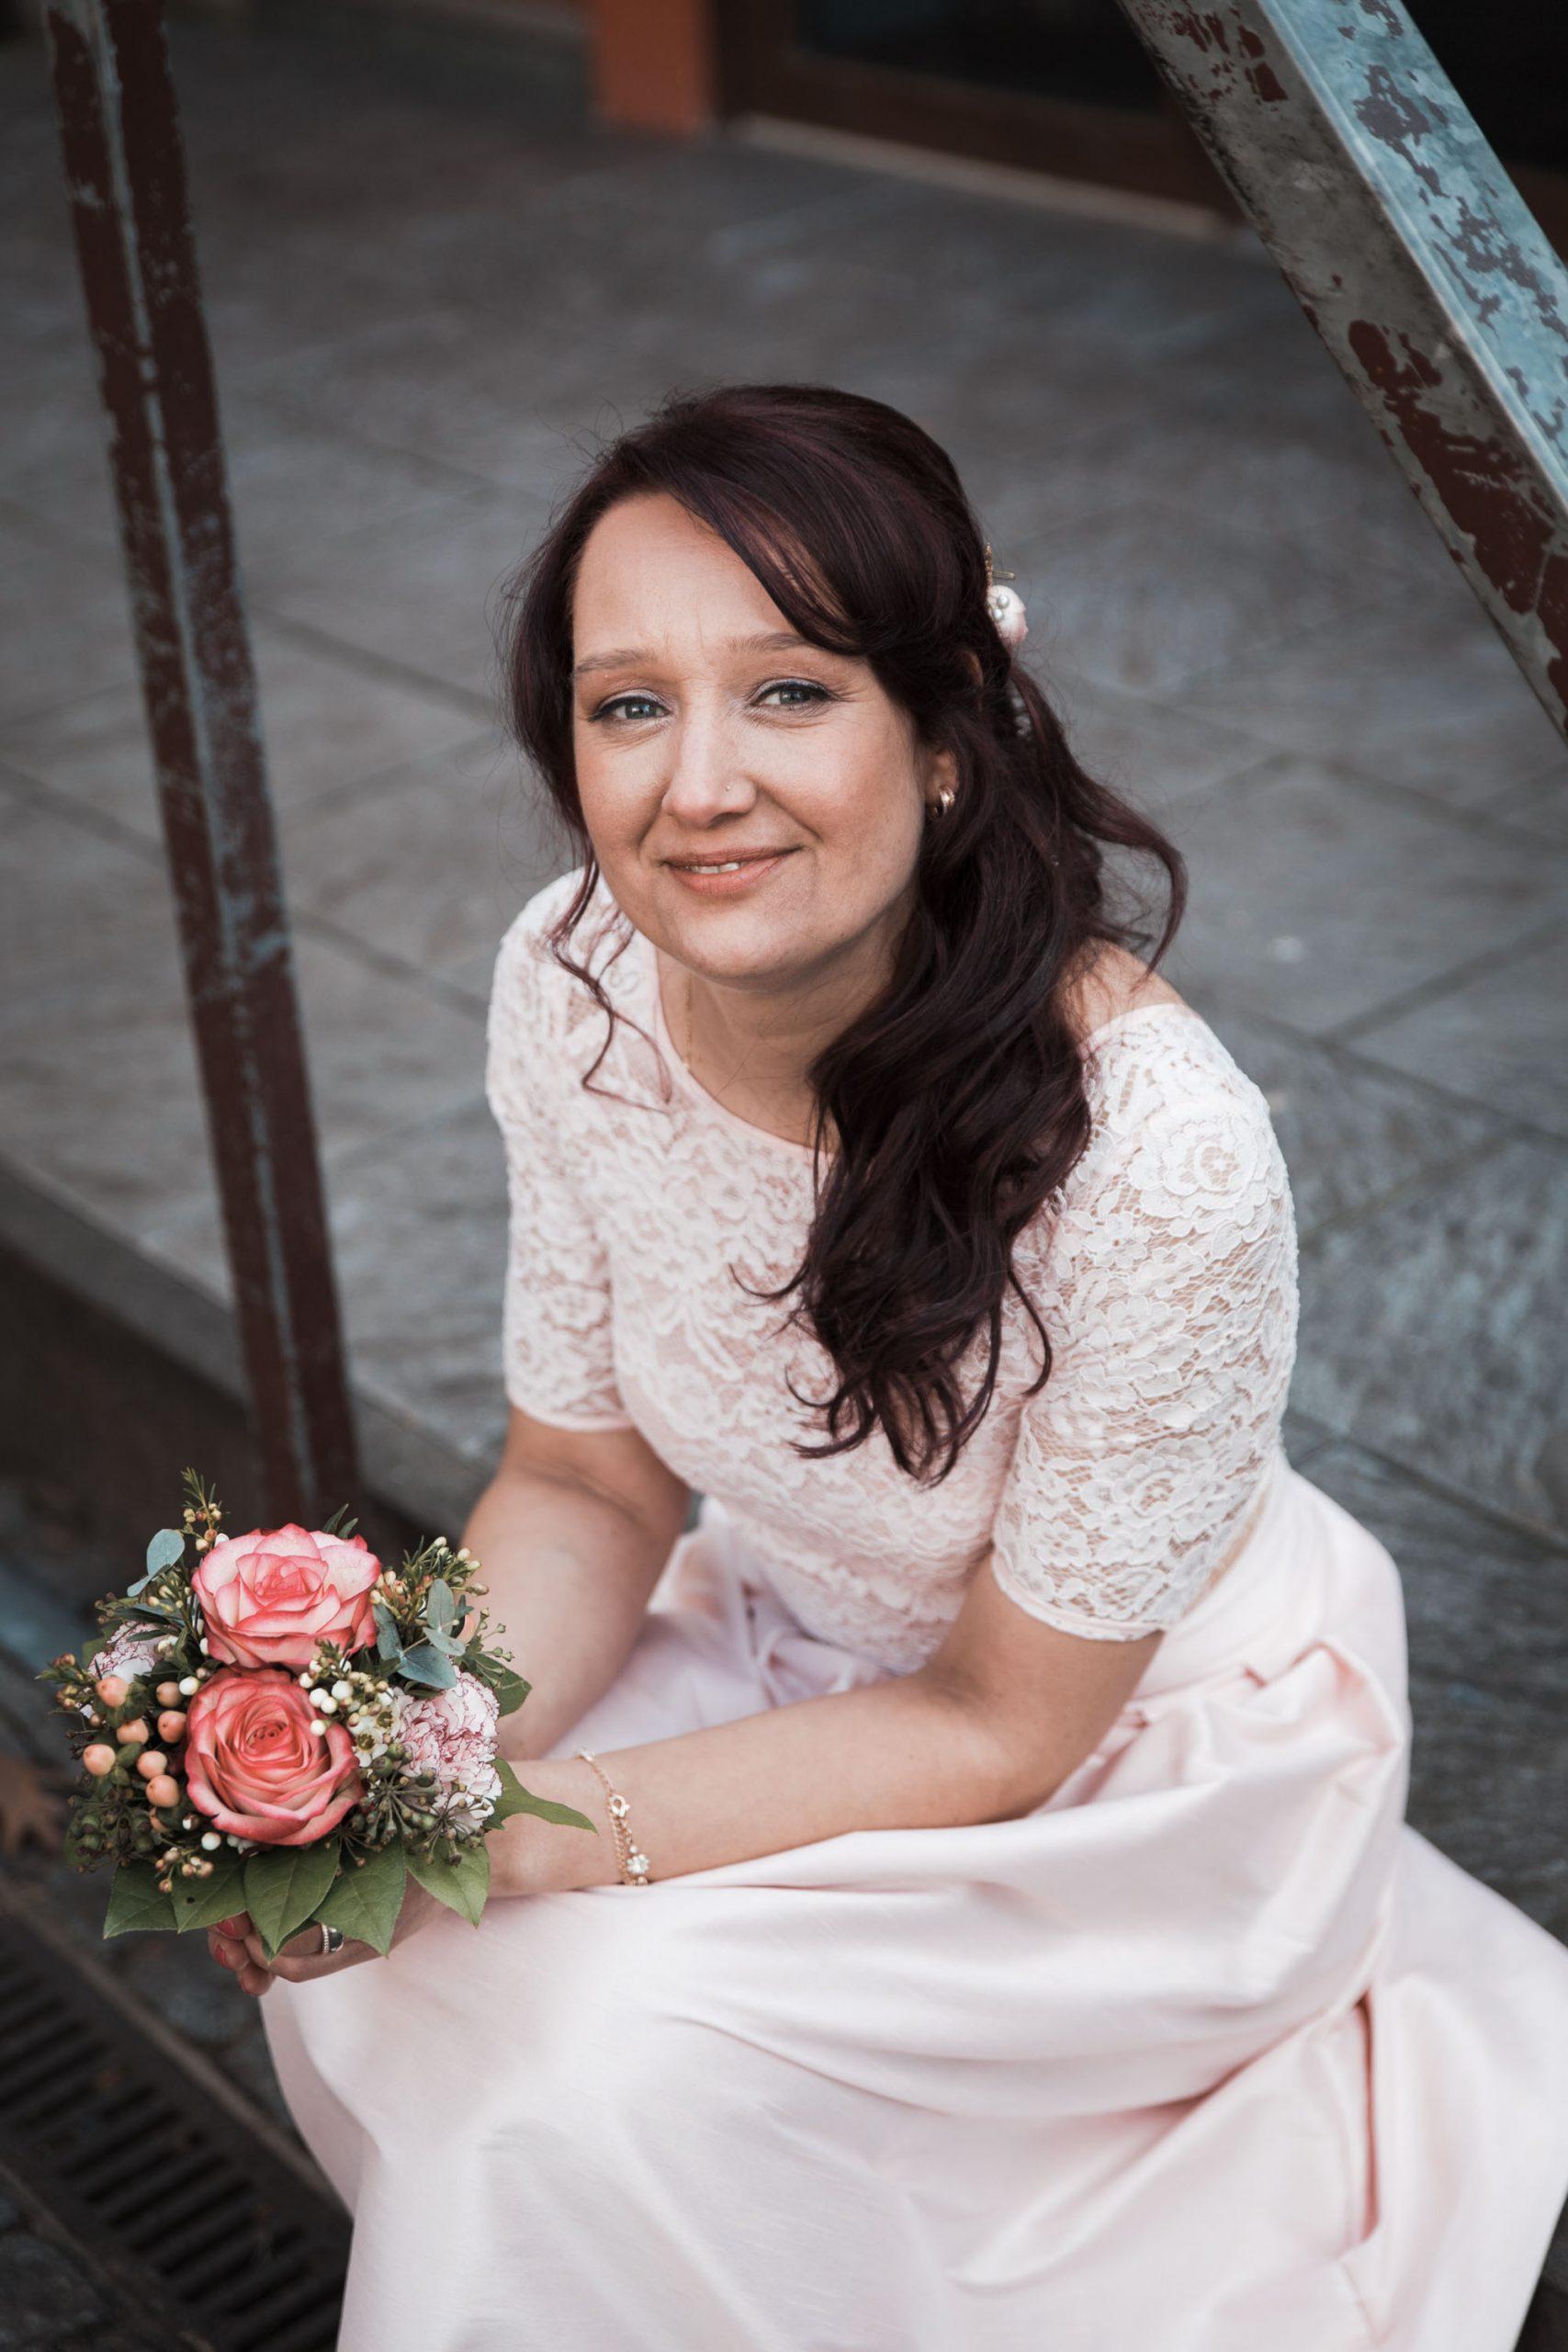 Hochzeitsbild spontan entstanden. Braut sitzt in einem Innenhof der Kölner Altstadt. Natürliches Hochzeitsfoto einer Braut fotografiert vom Hochzeitsfotografen Pixeldreams